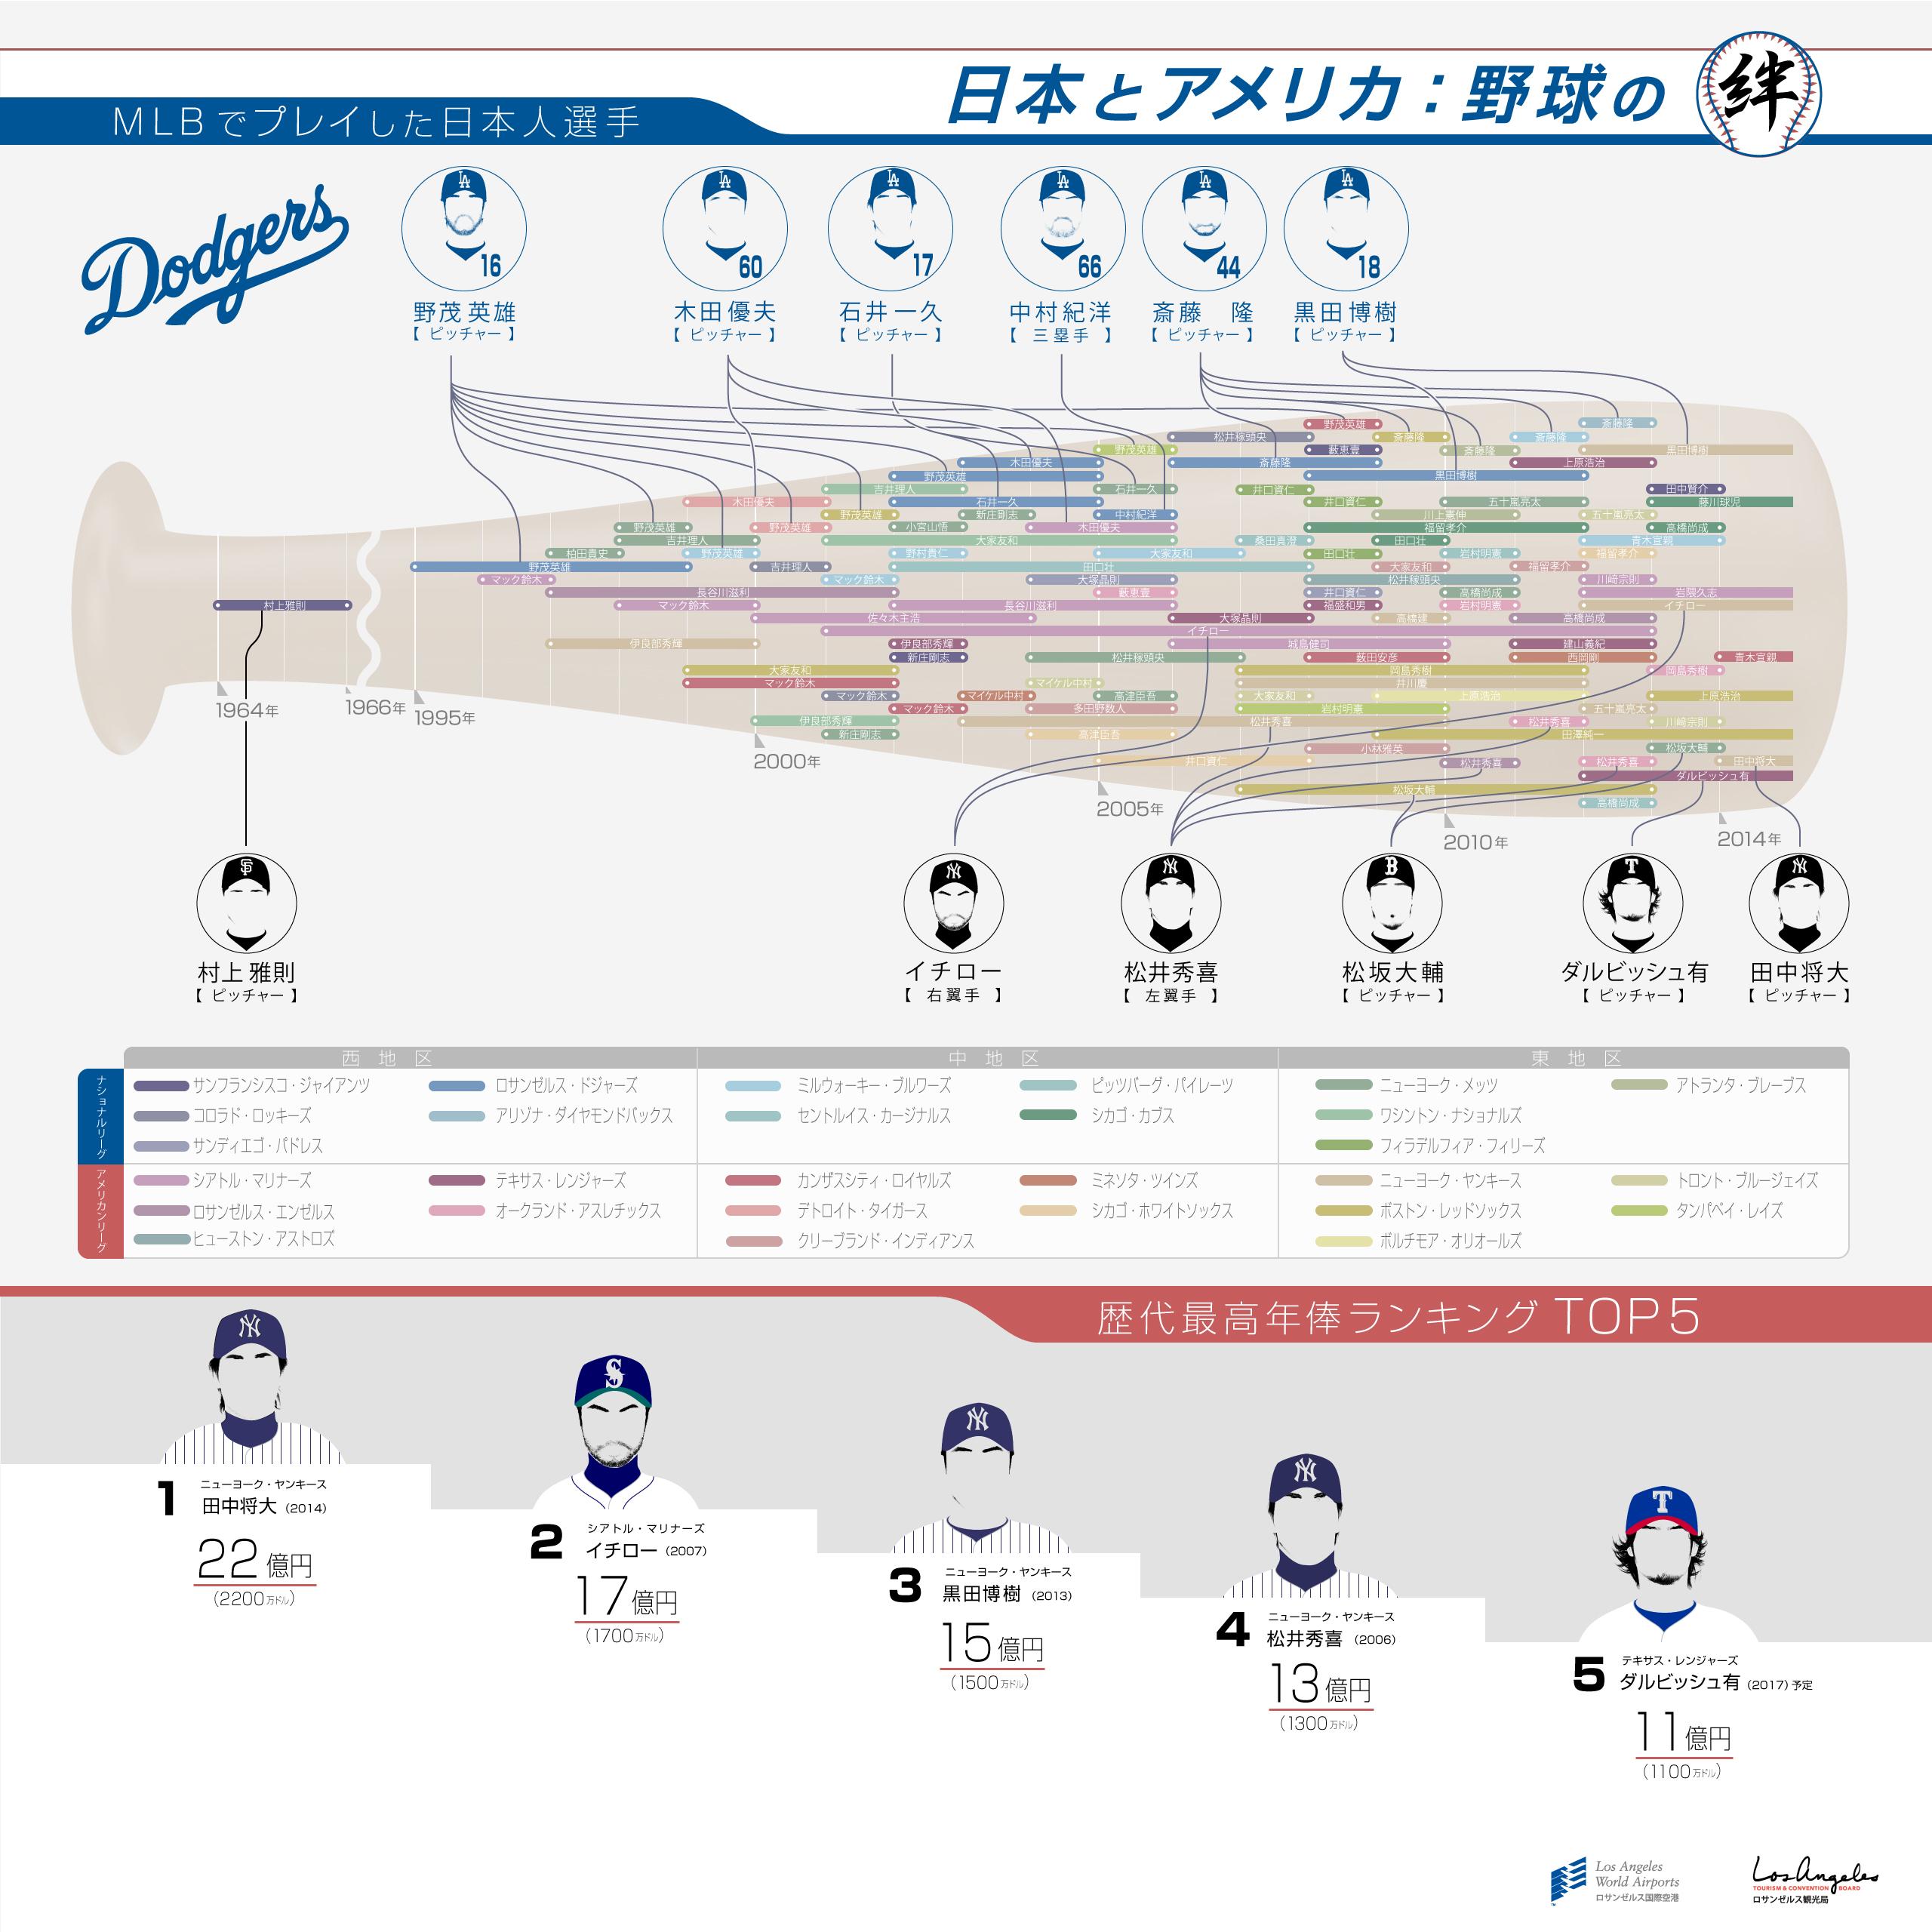 インフォグラフィック:日本人メジャーリーガー歴代選手。野茂英雄は日本人MLBの先駆者